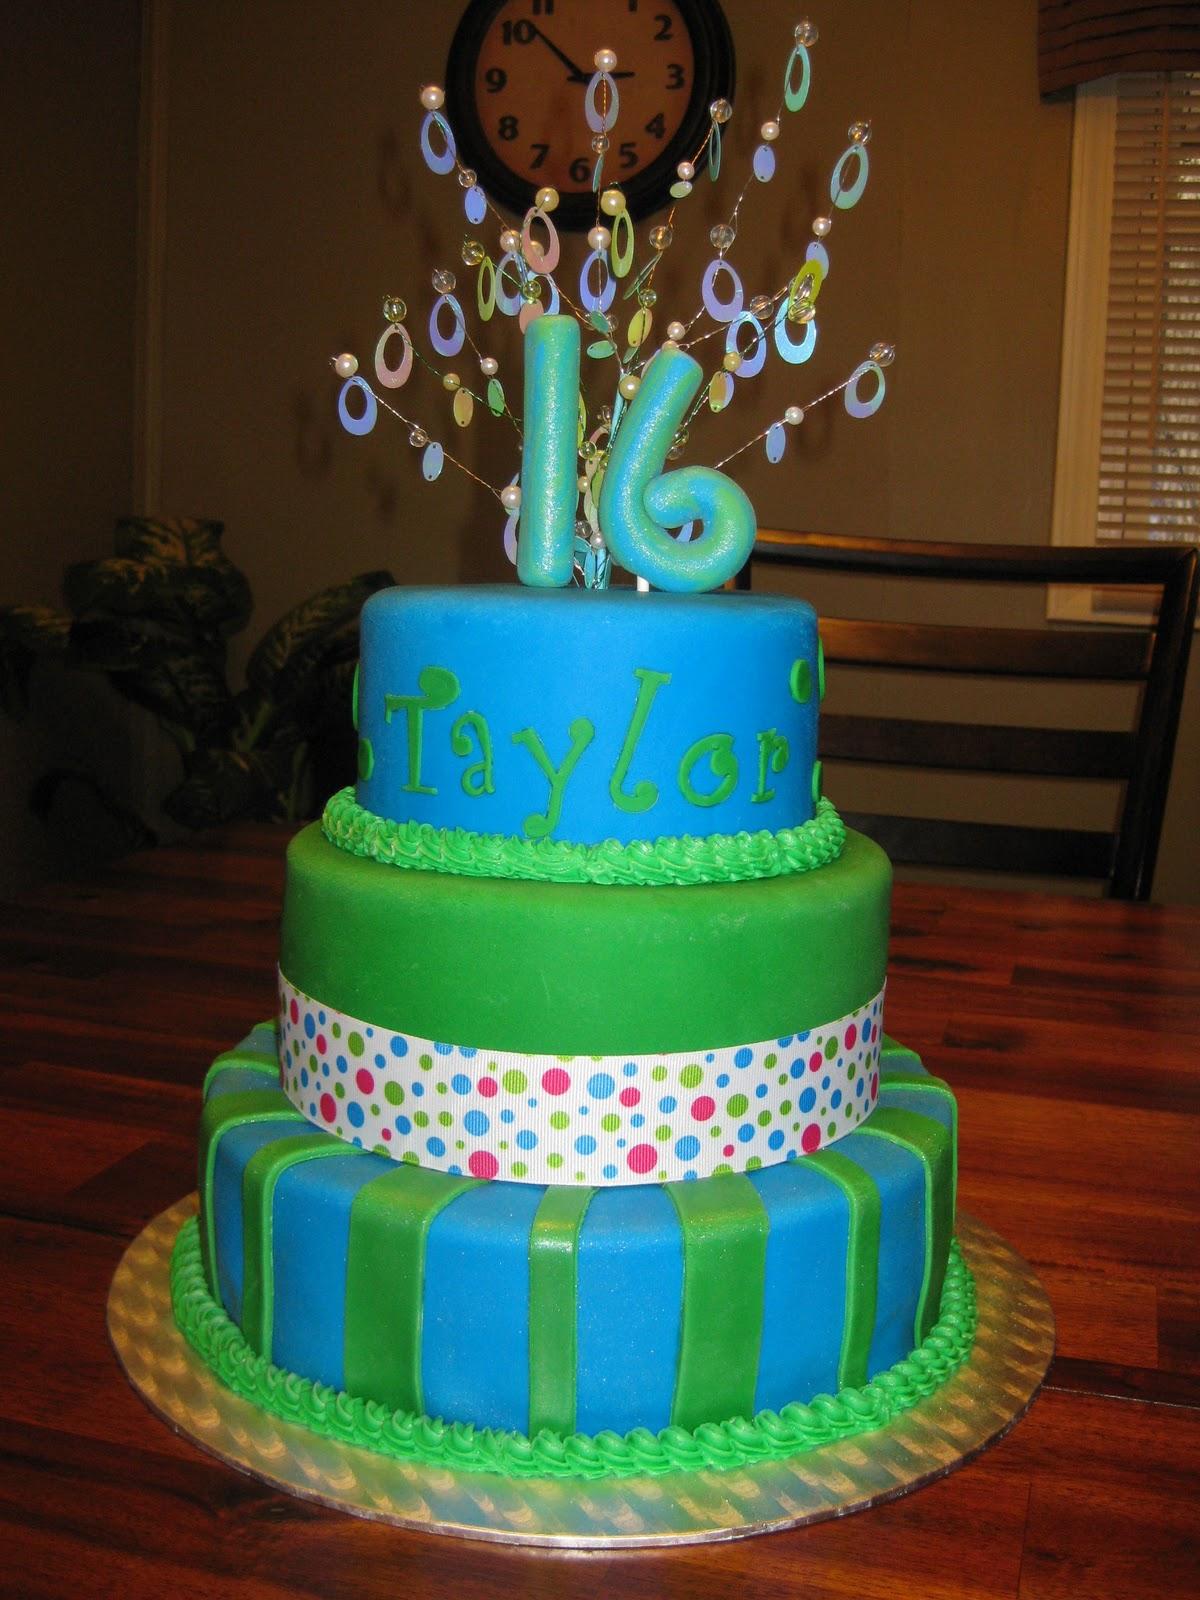 Sweet Birthday Cakes Lifequootes